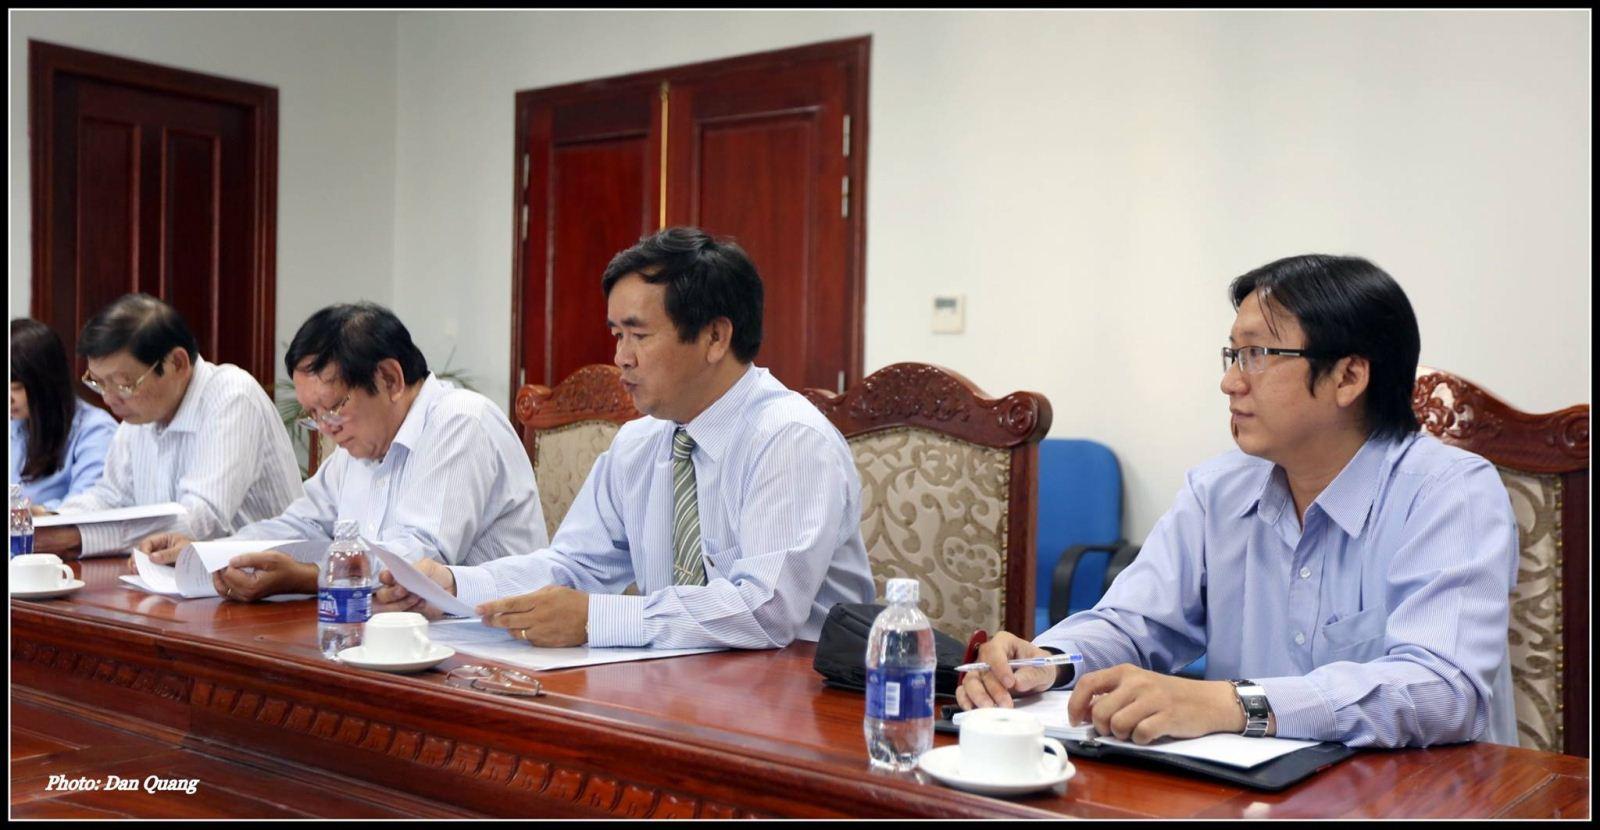 Trí Luật tham dự hội nghị tại Cục thuế TPHCM